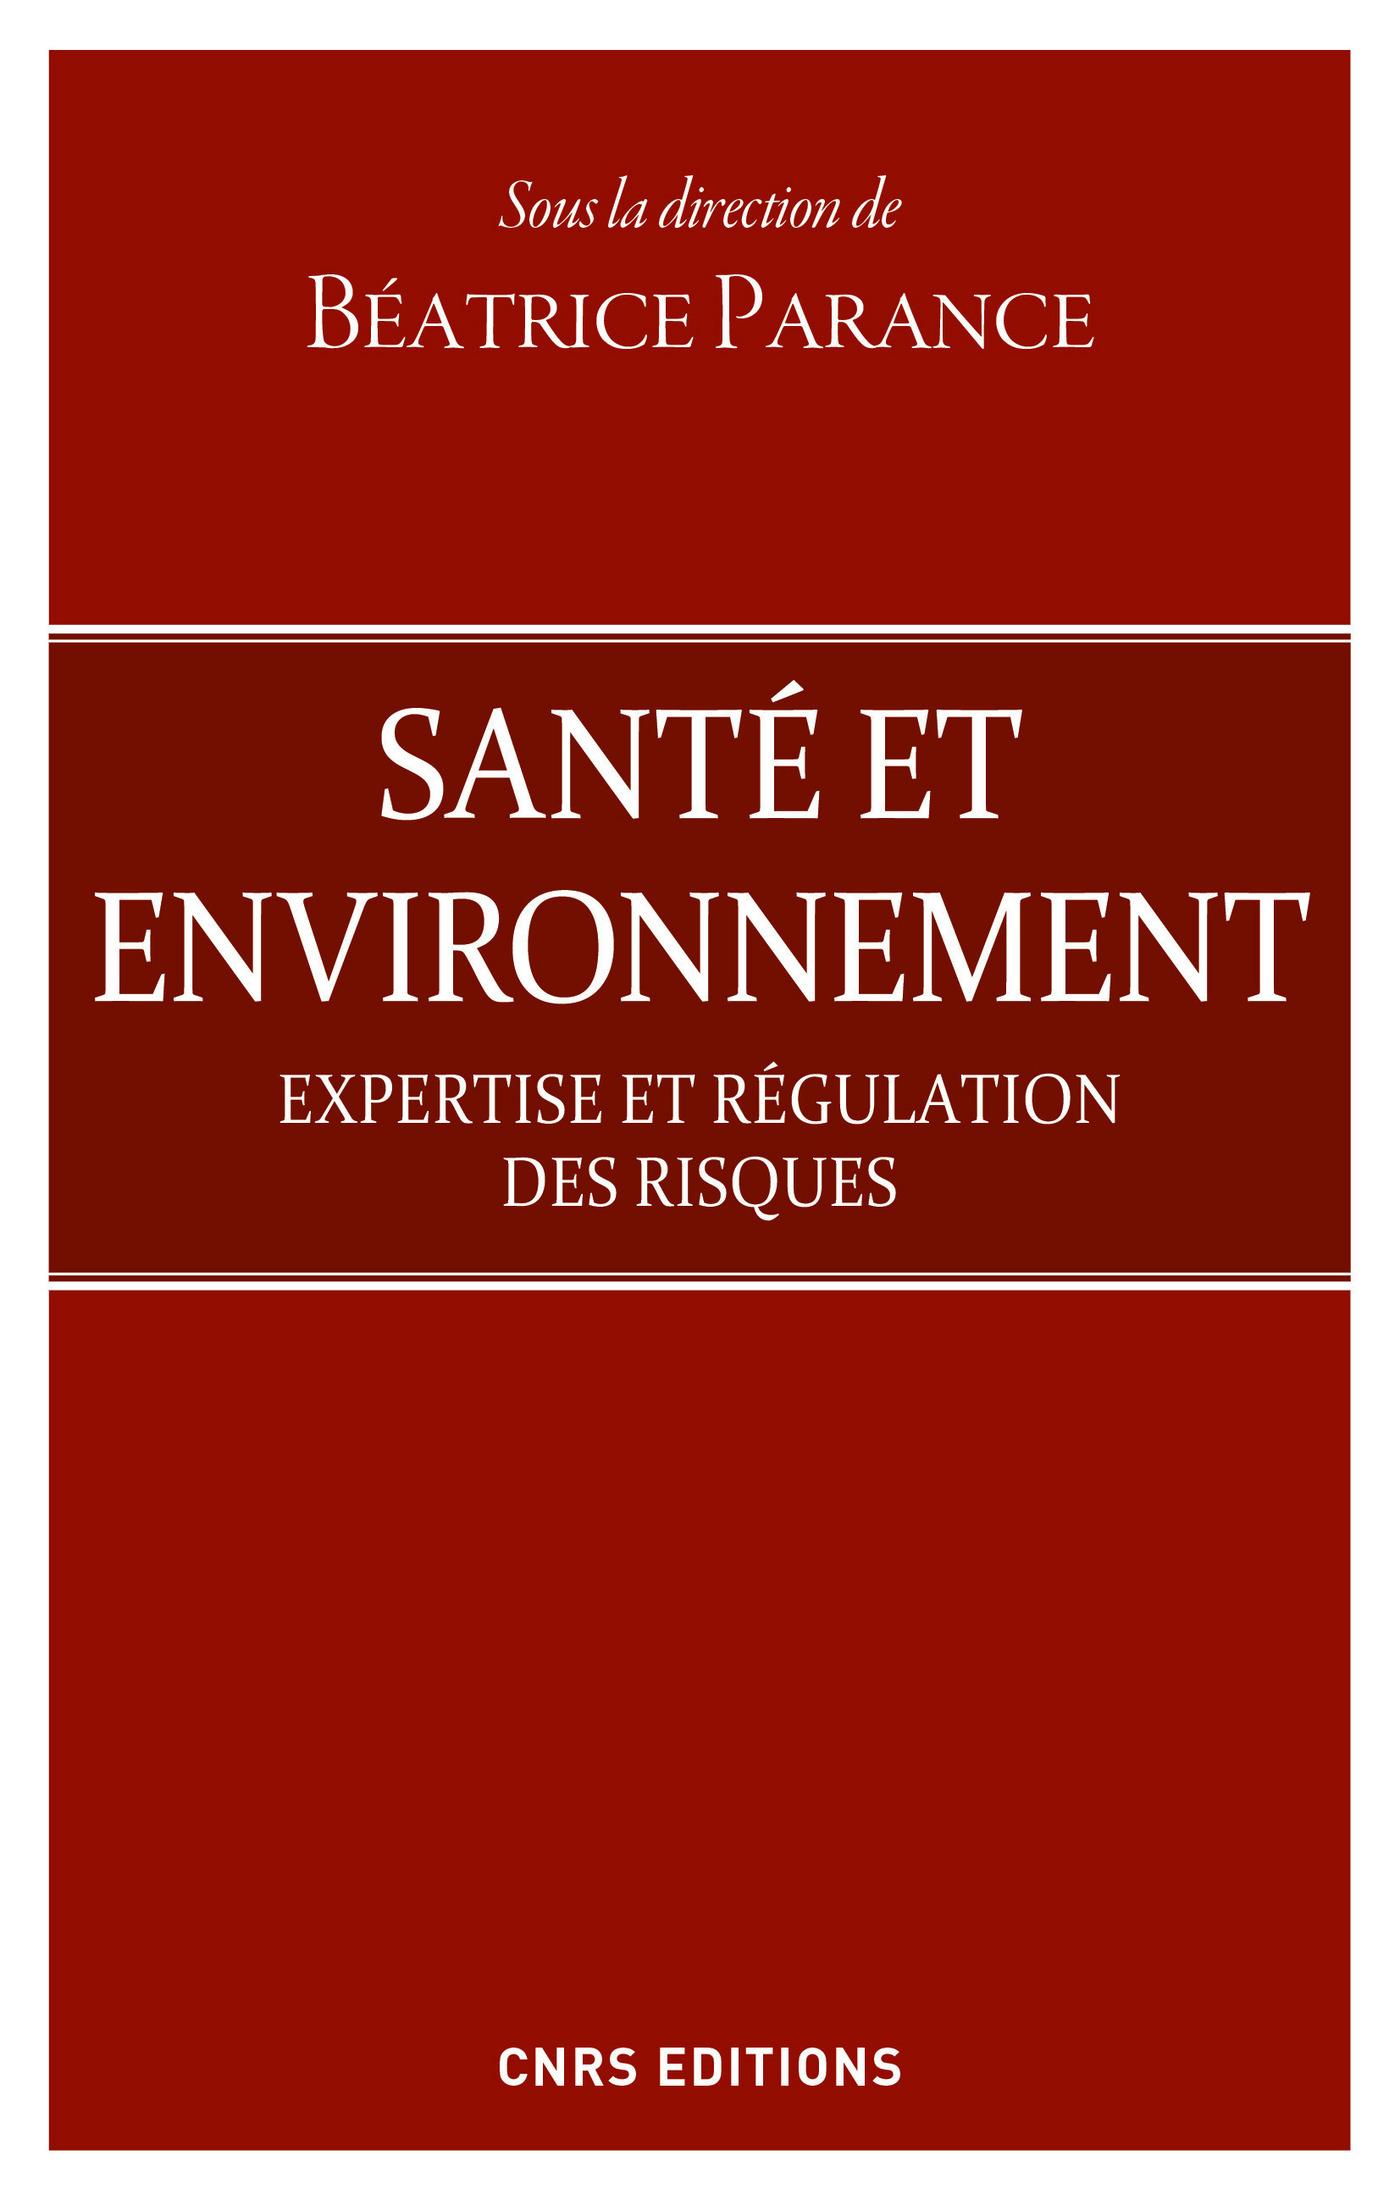 Santé et environnement. Expertise et régulation des risques